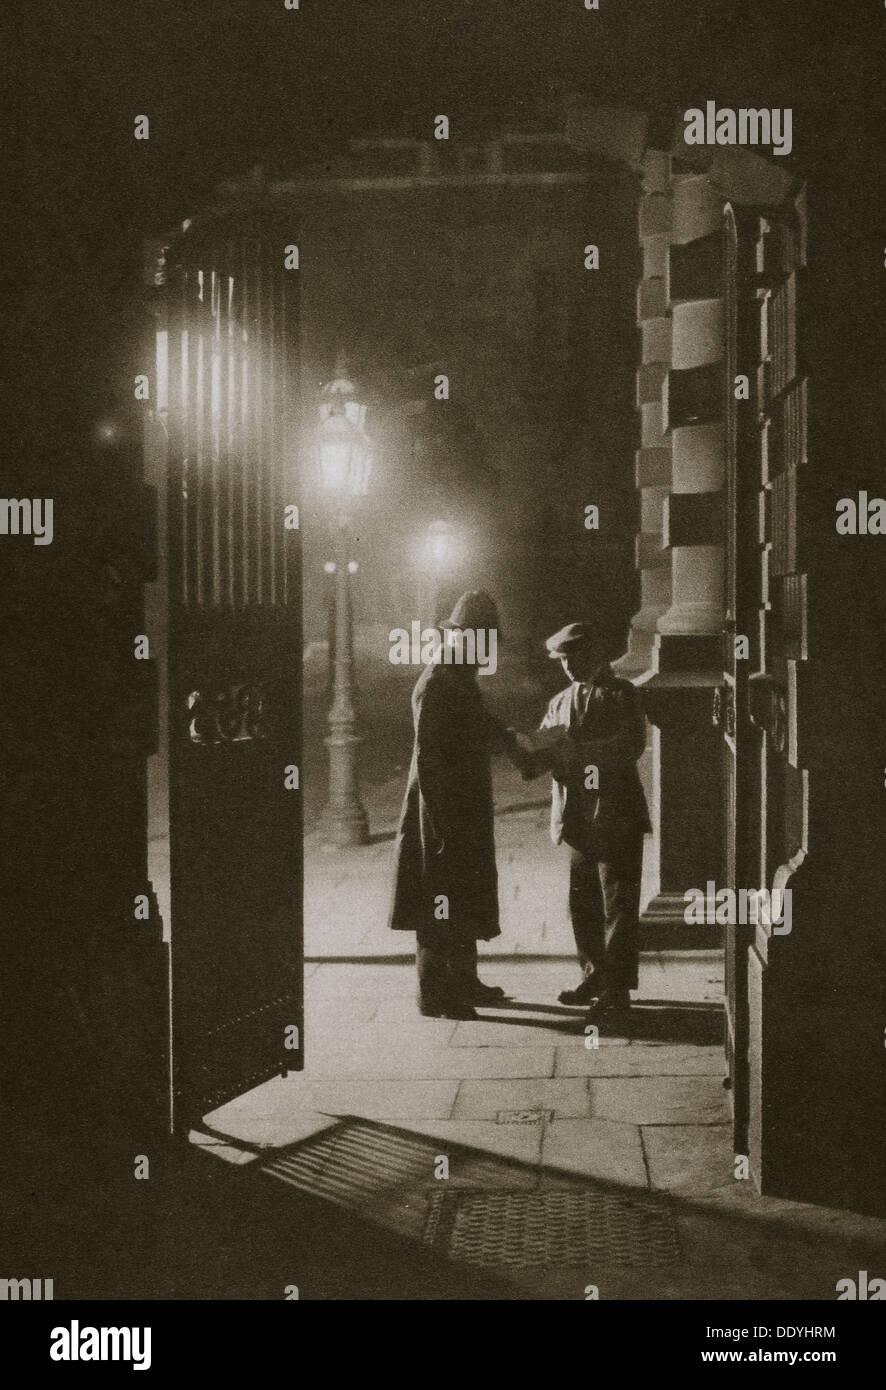 Scotland Yard dans les premières heures du matin, l'Embankment, Londres, 20e siècle. Artiste: Inconnu Photo Stock